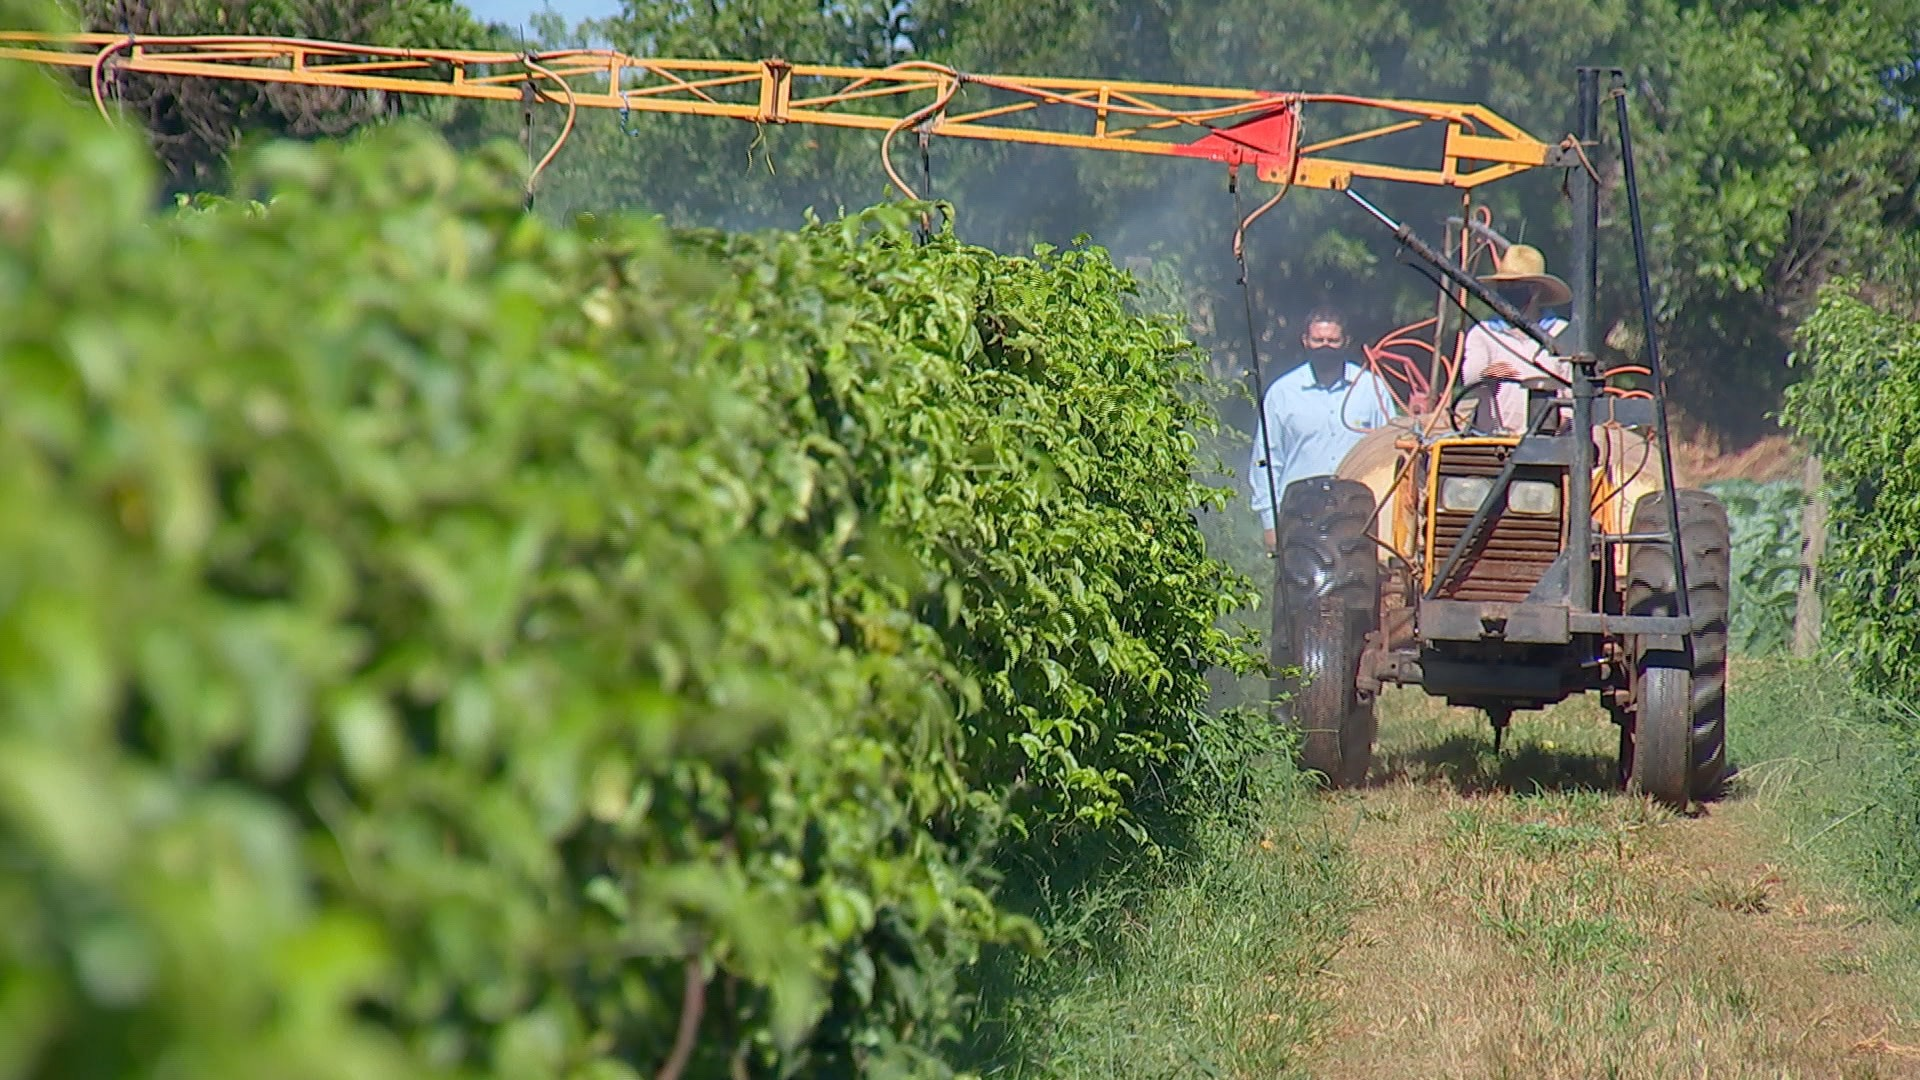 Agricultores investem em bioinsumos para produção de orgânicos